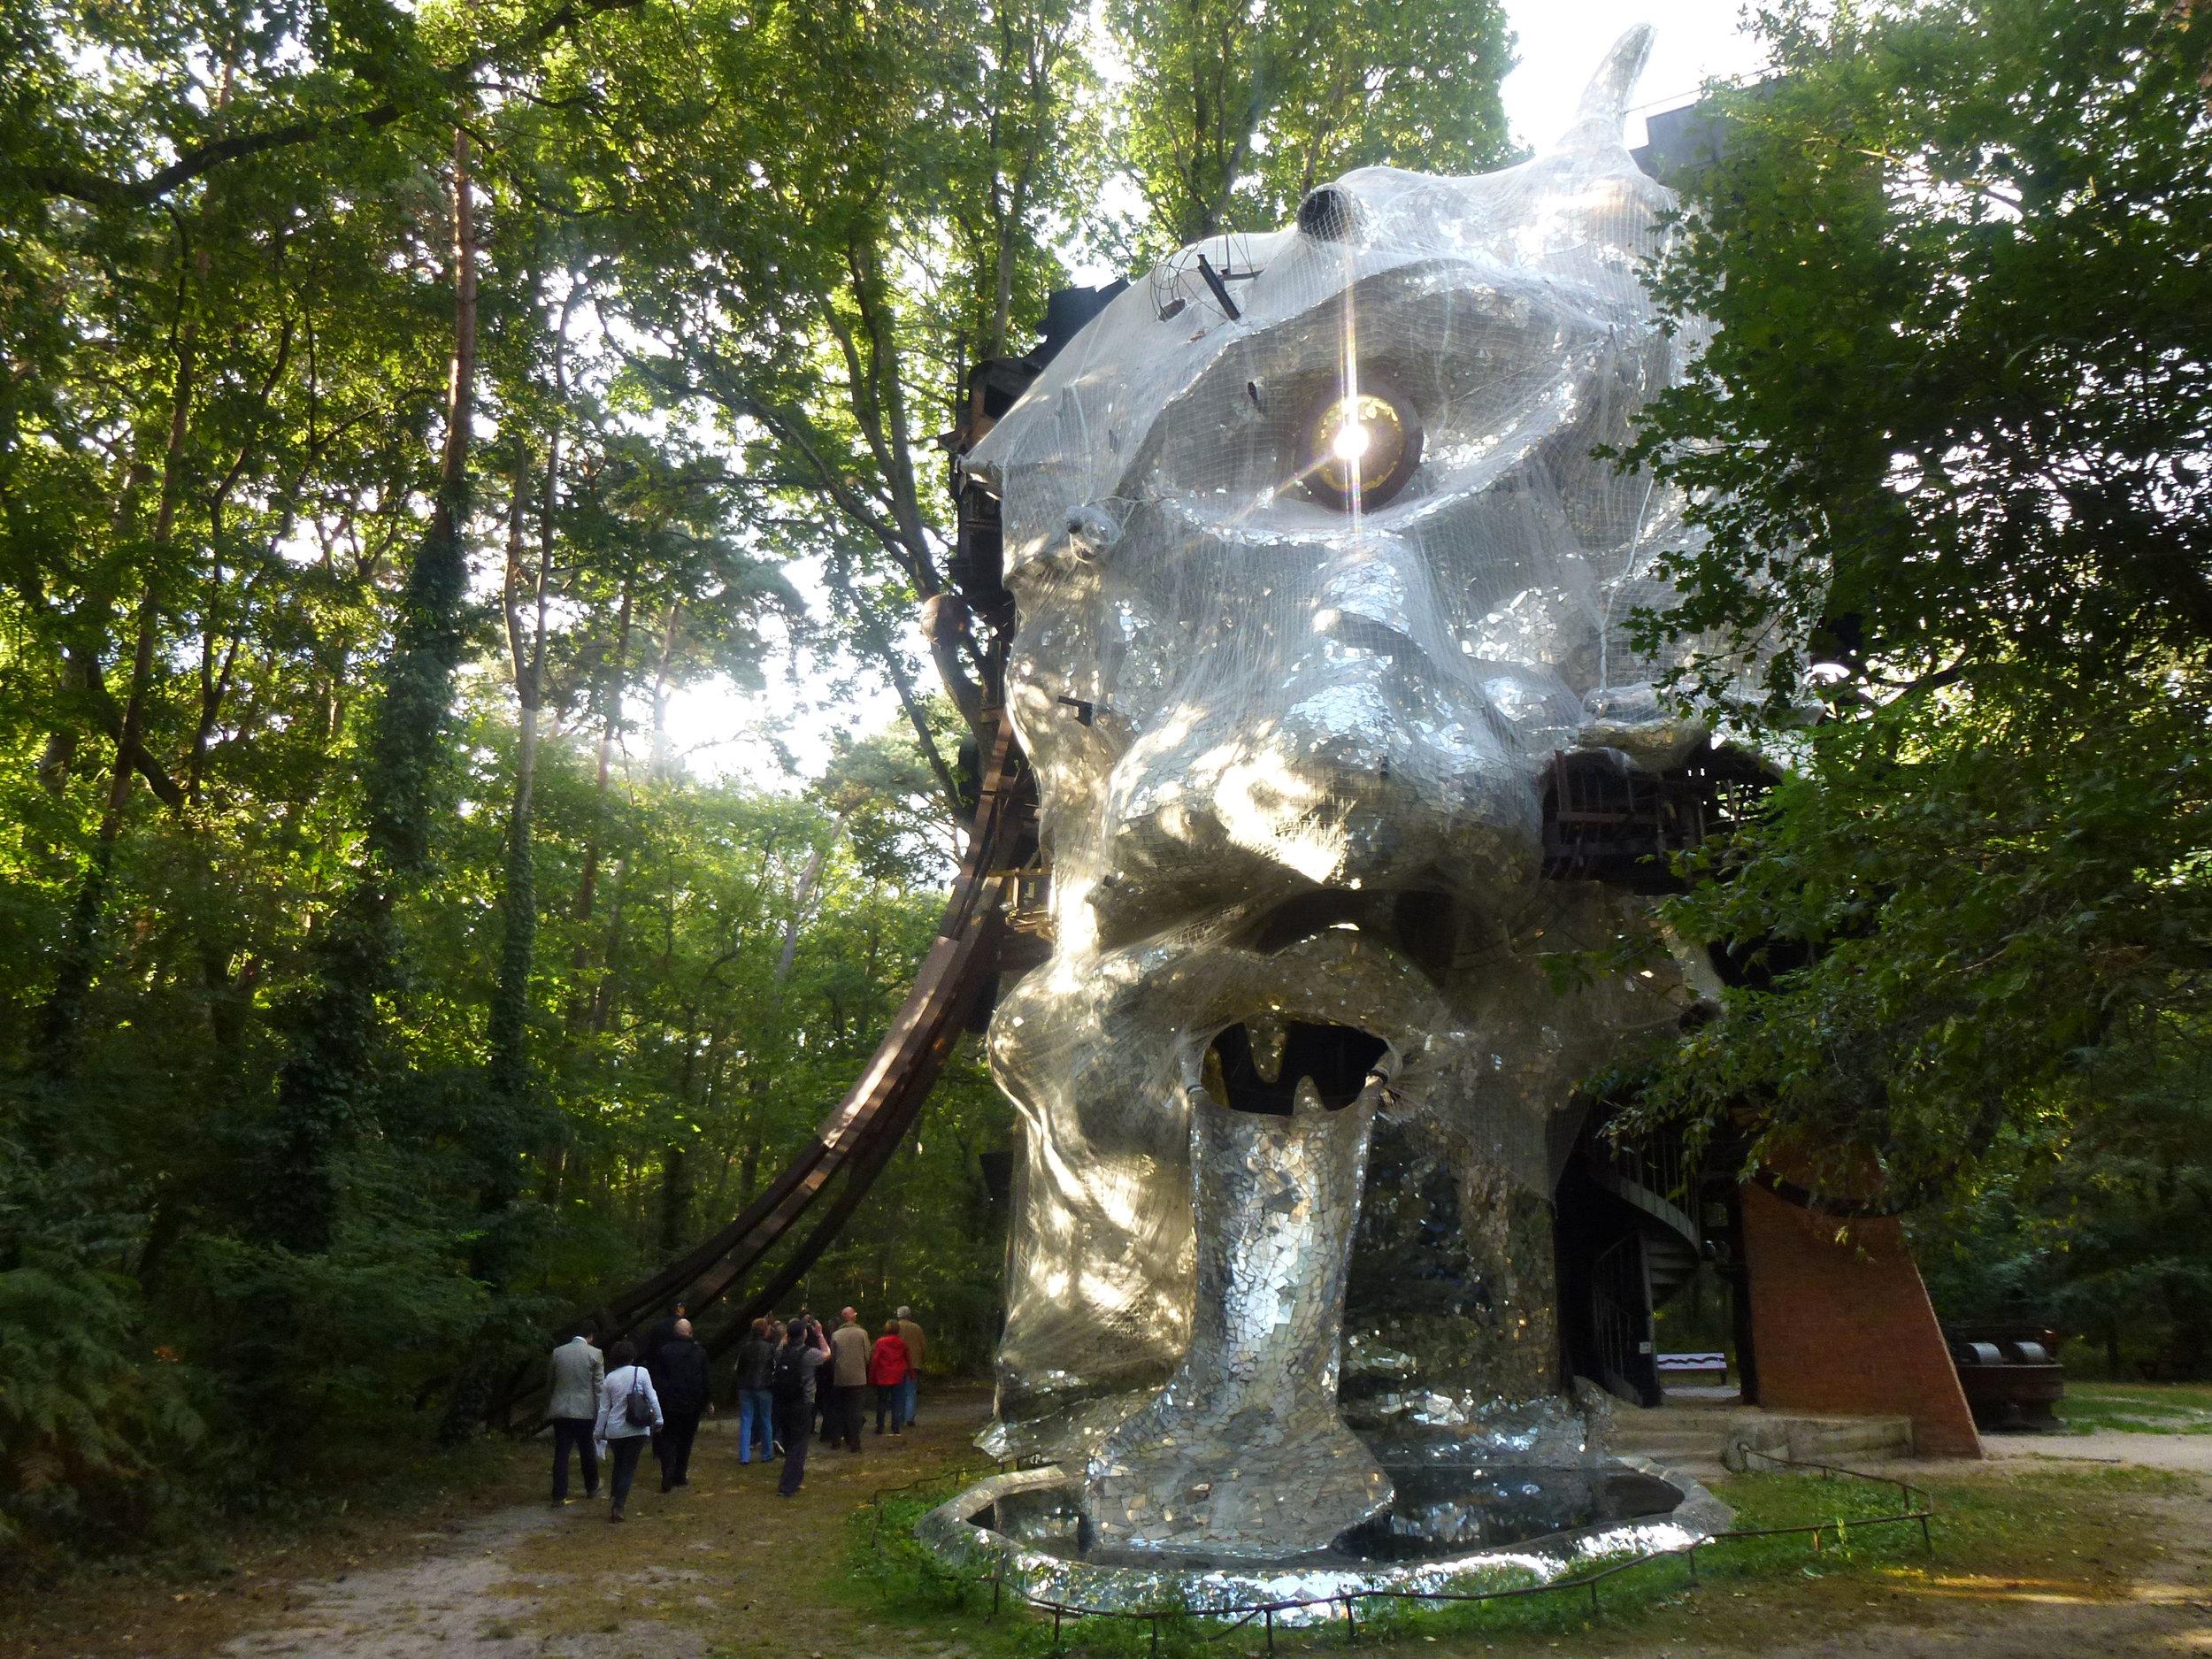 Le Cyclop, de la Bande à Tinguely, se dresse dans la forêt de Fontainebleau